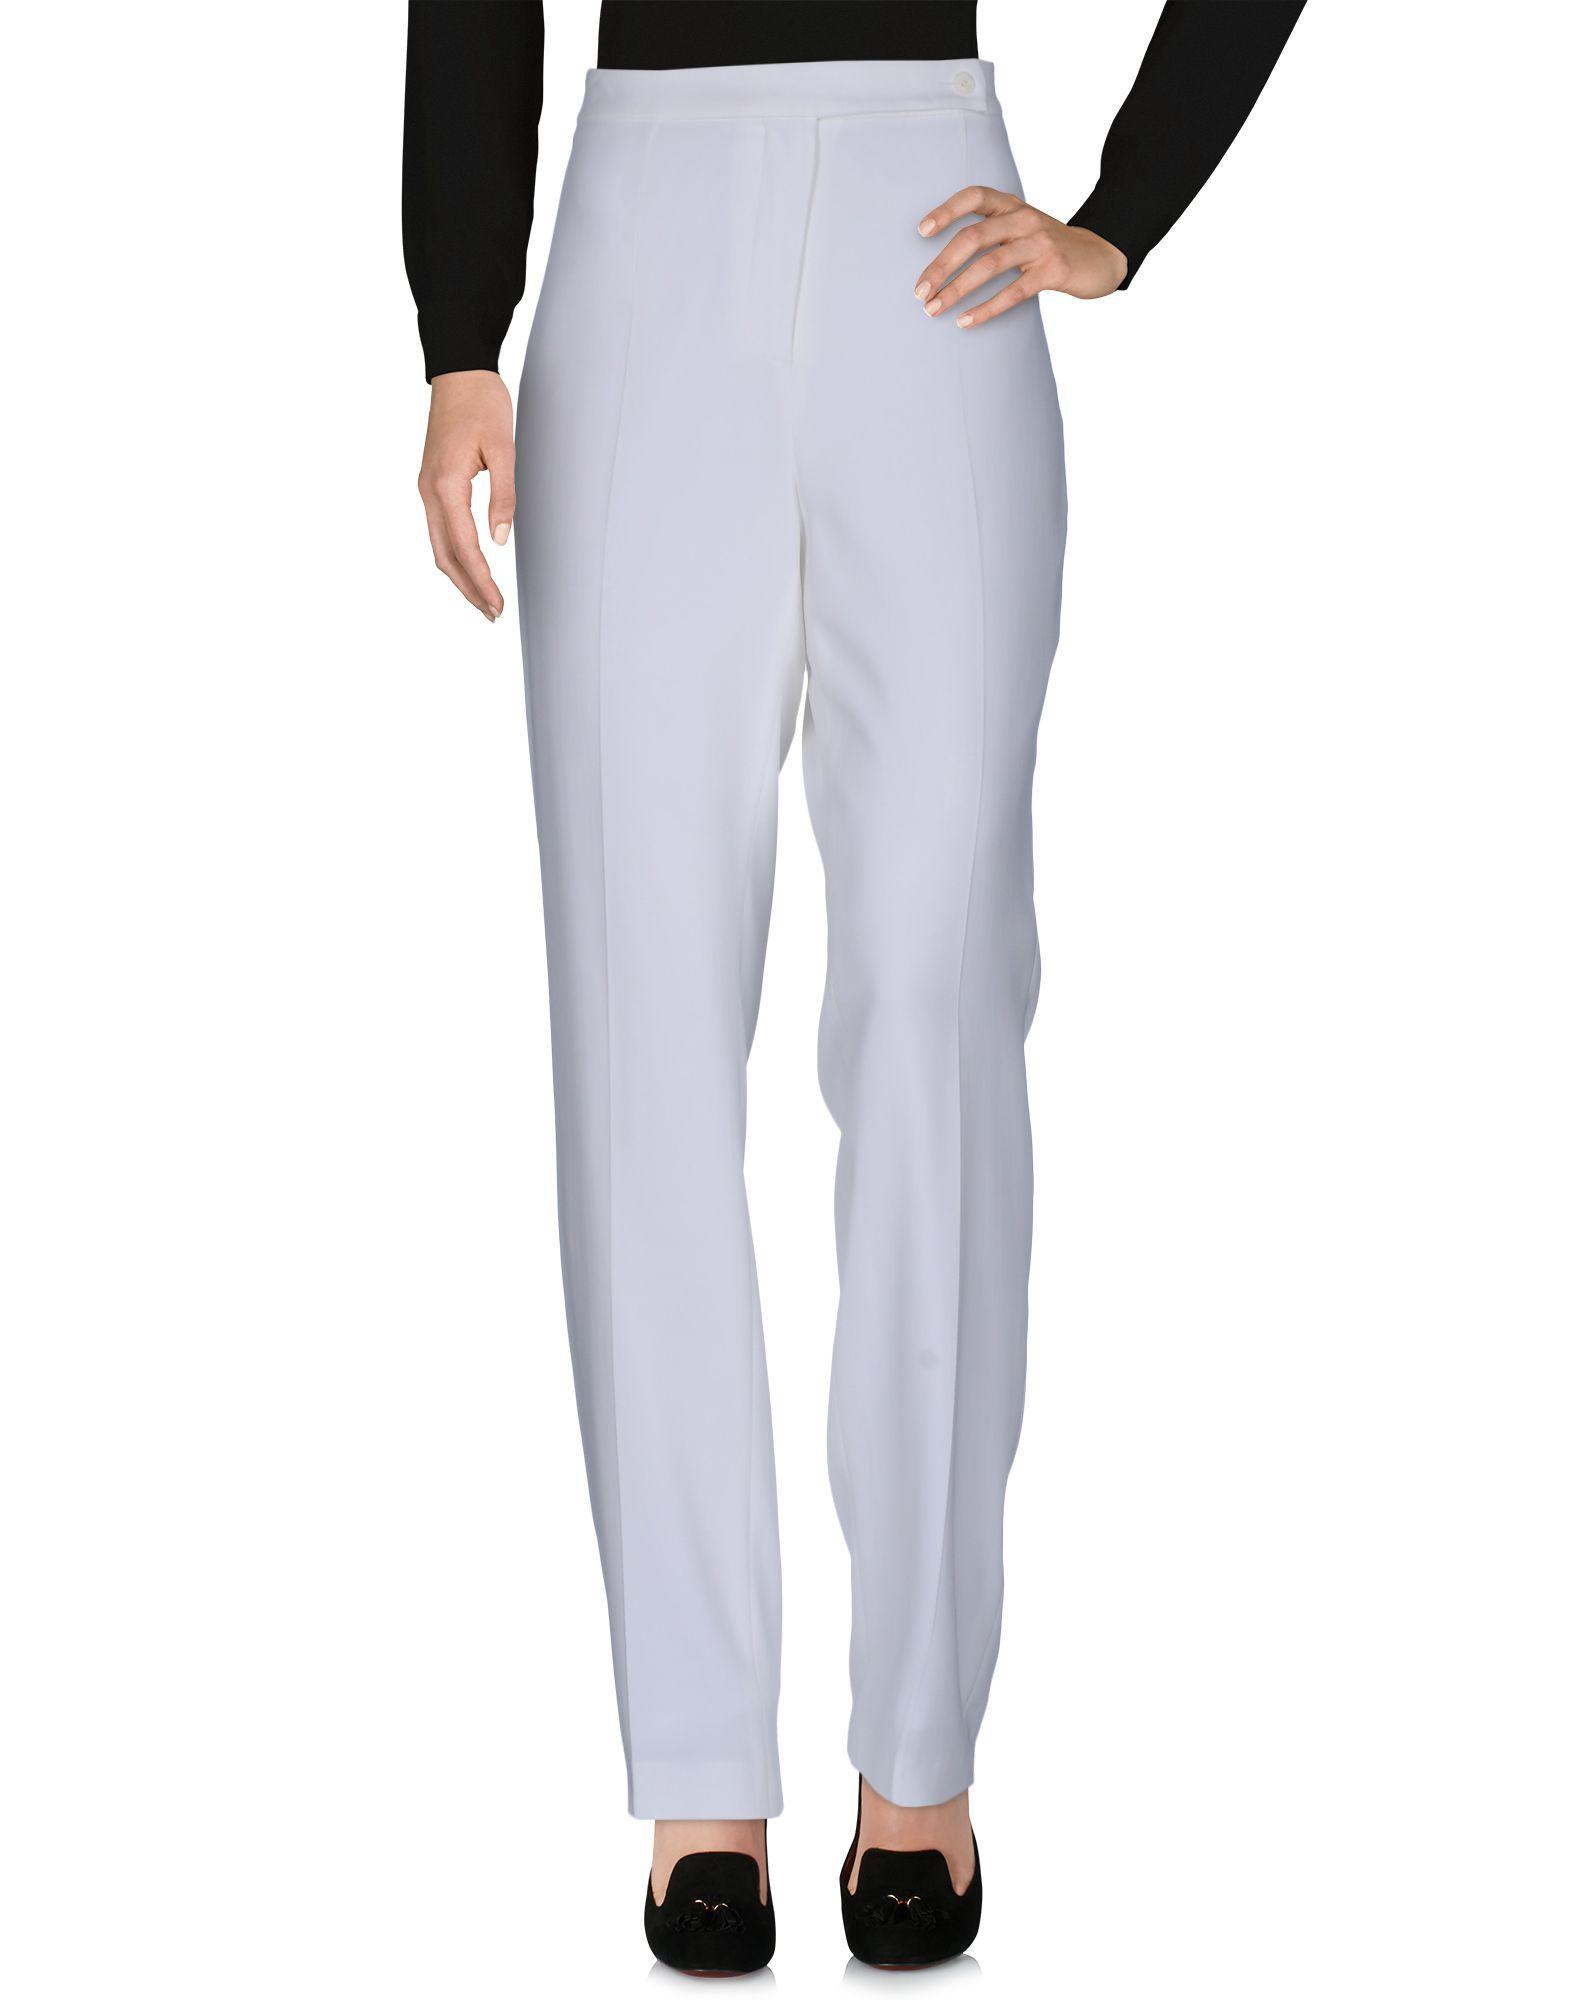 ROBERTO QUAGLIA Damen Hose Farbe Weiß Größe 6